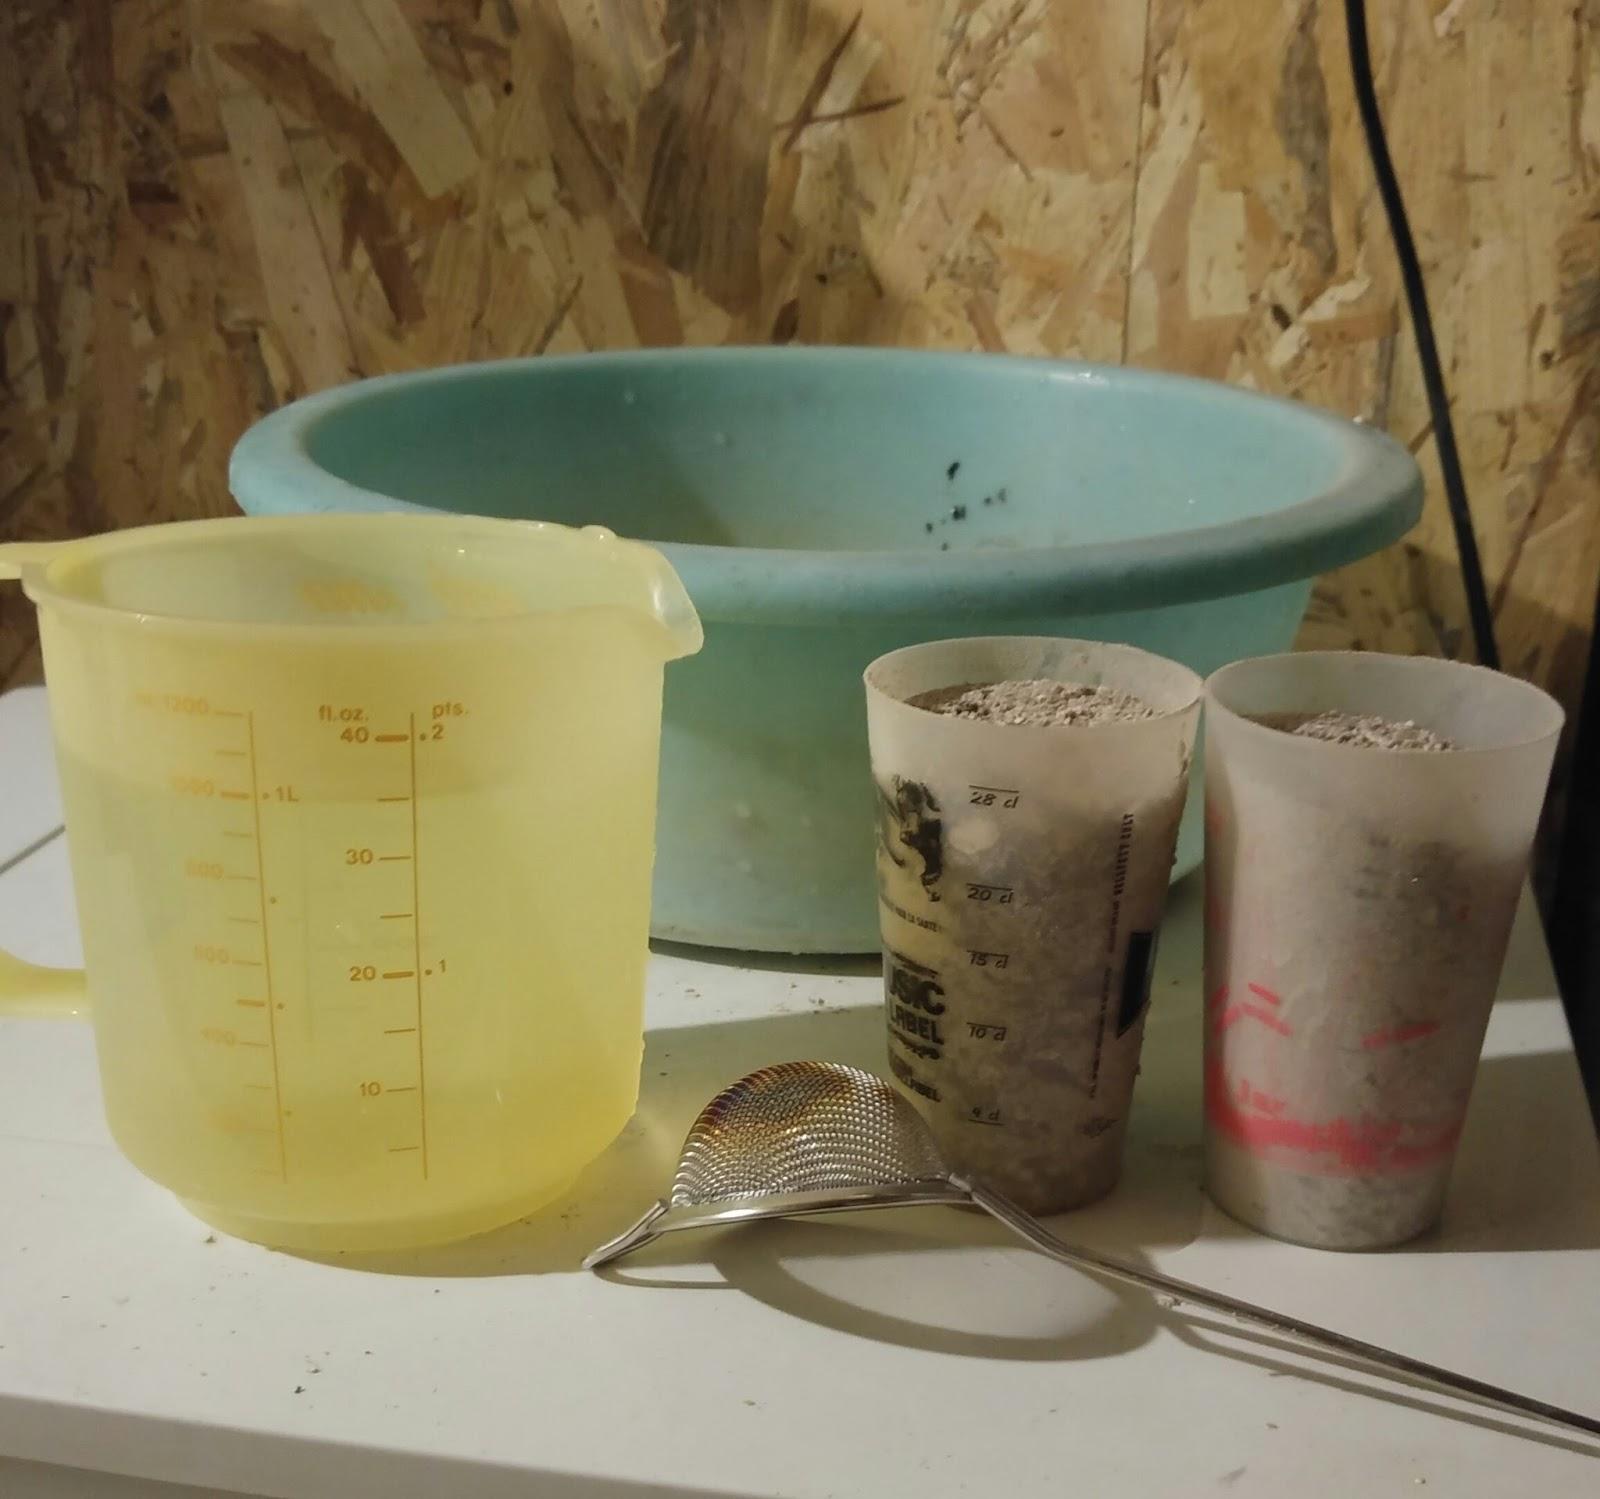 Drap De Bain Savon De Marseille recette de lessive à la cendre et au savon de marseille!